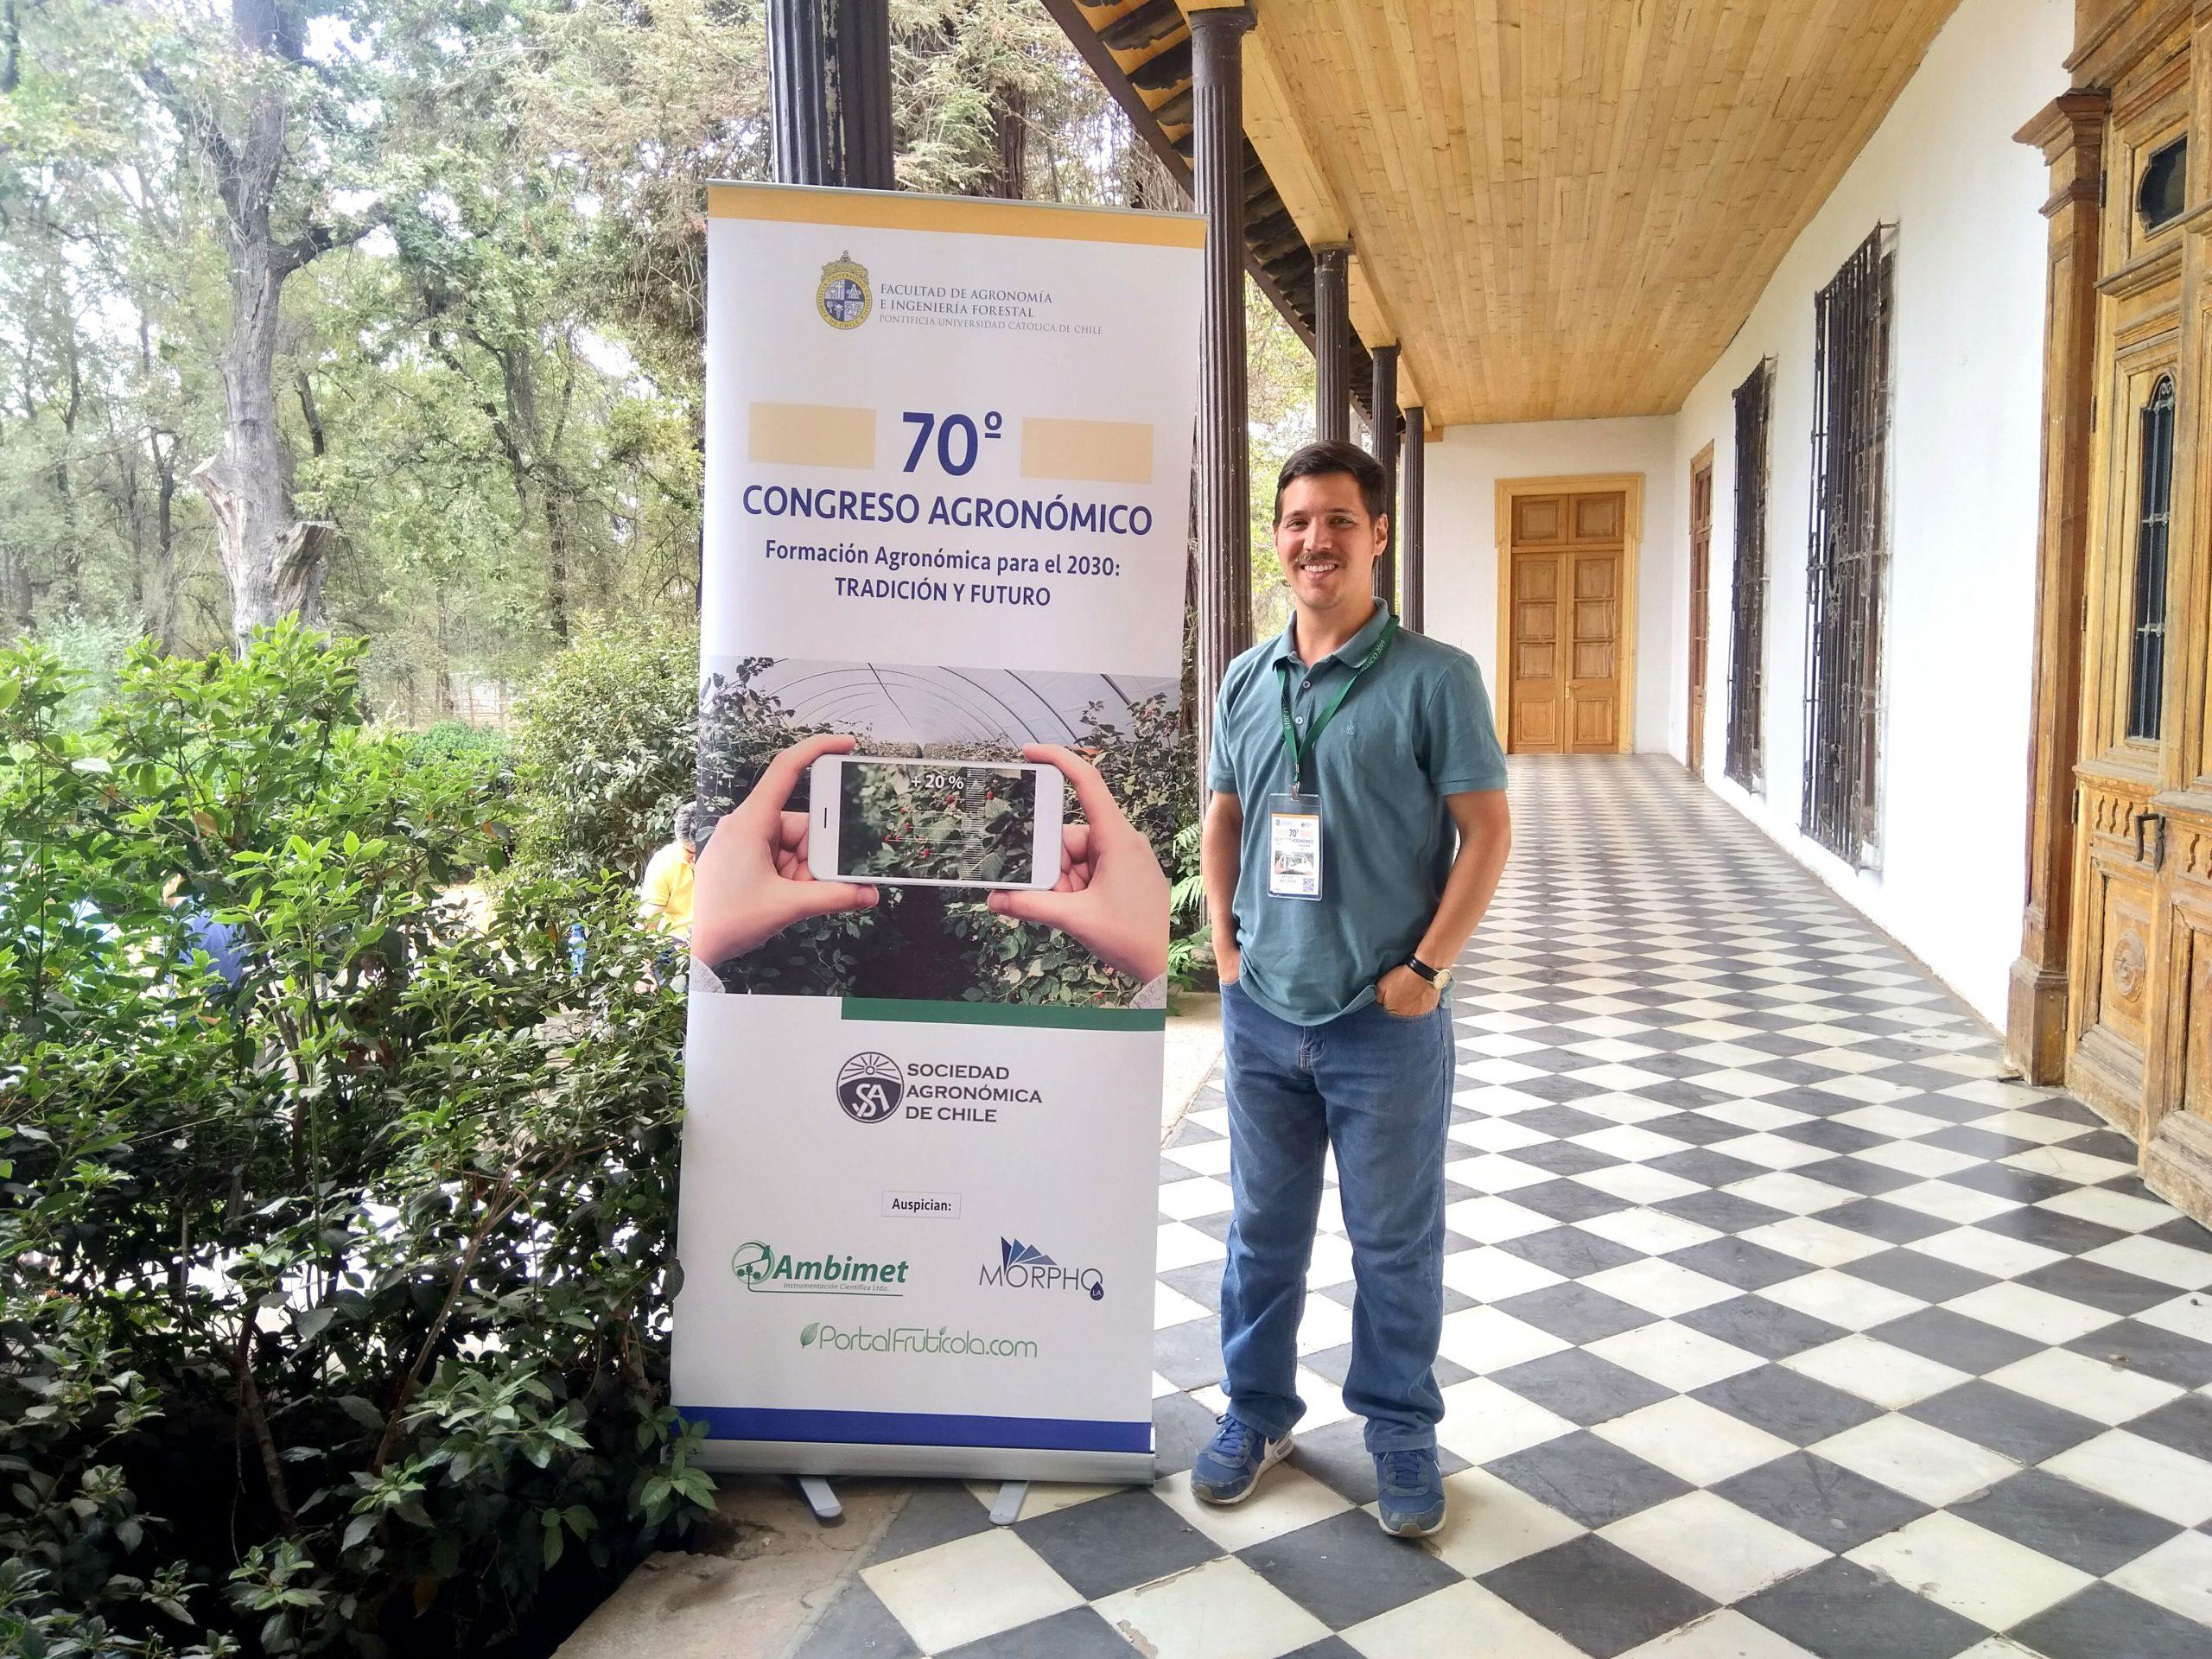 Congreso en Chile 1